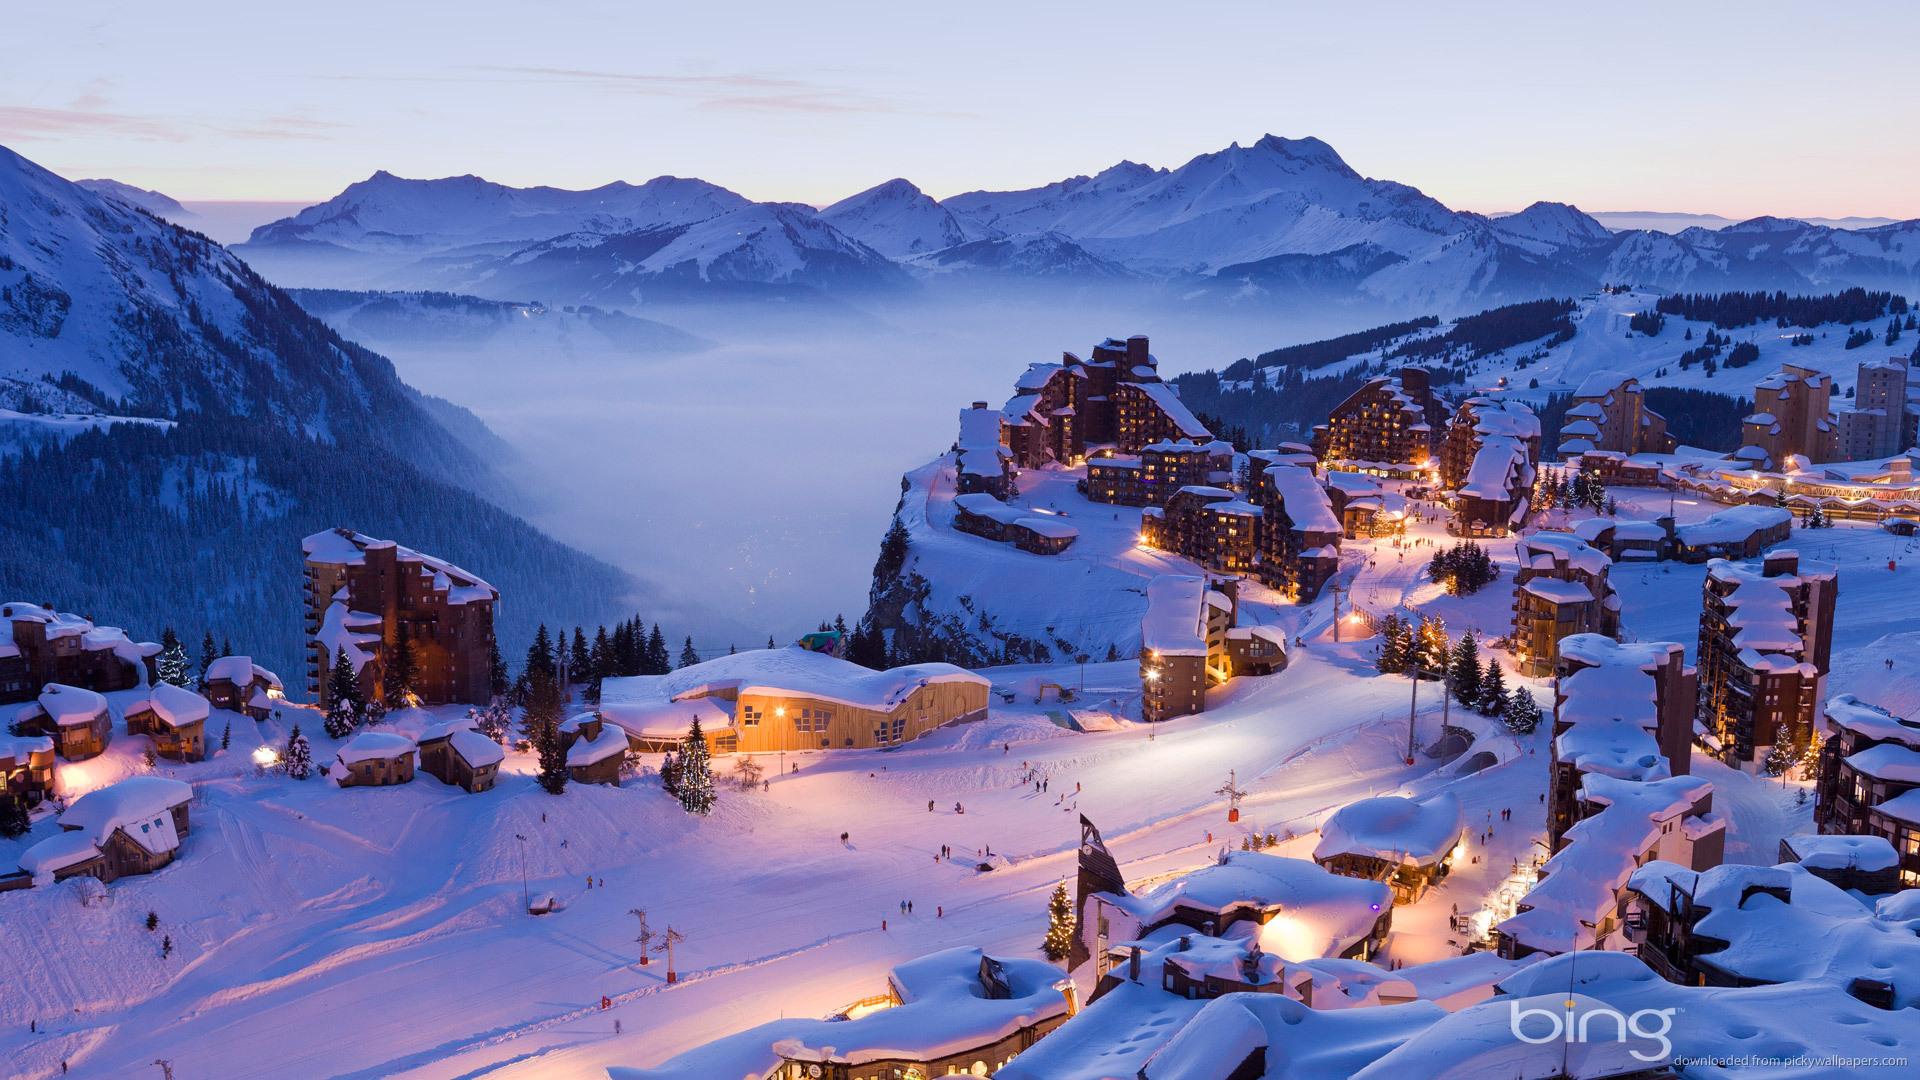 Bing Winter Village picture